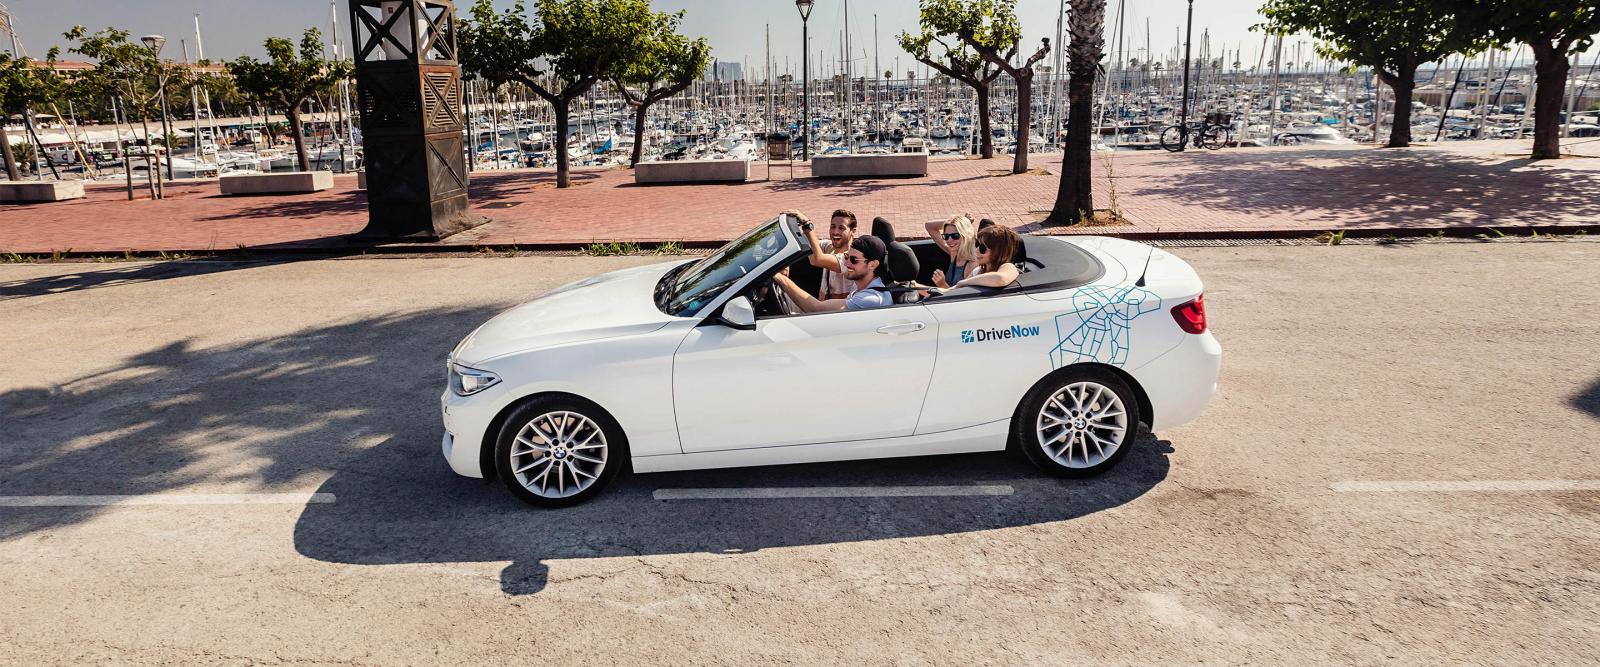 drivenow_carsharing_stunden-pakete_bmw2er_cabrio